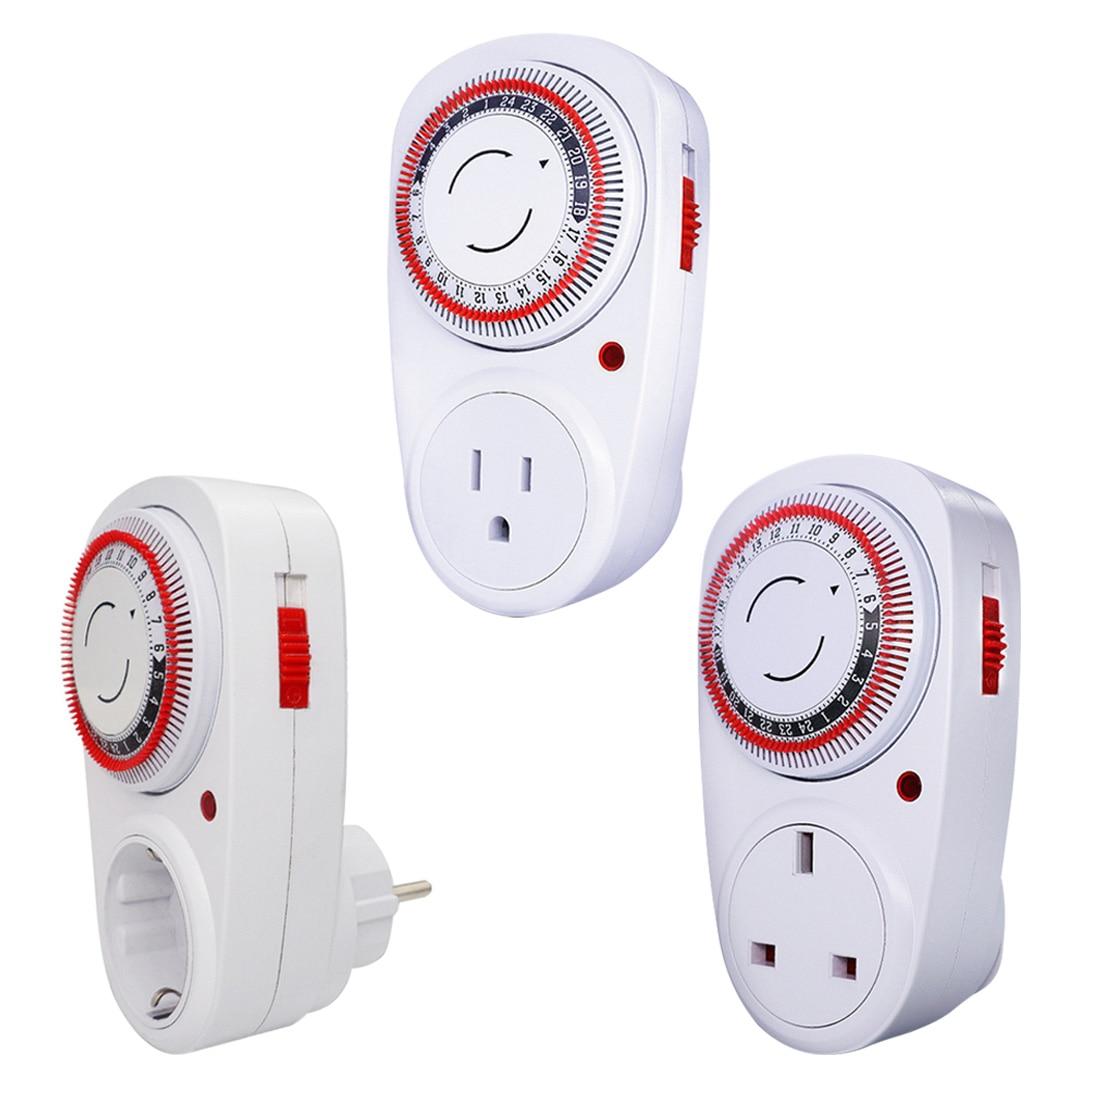 Timer Werkzeuge Plug-in Programmierbare Mechanische Elektrische Programm Timer Netzschalter 230 V Energie Saver 24 Stunde Eu/uns/ Uk Stecker